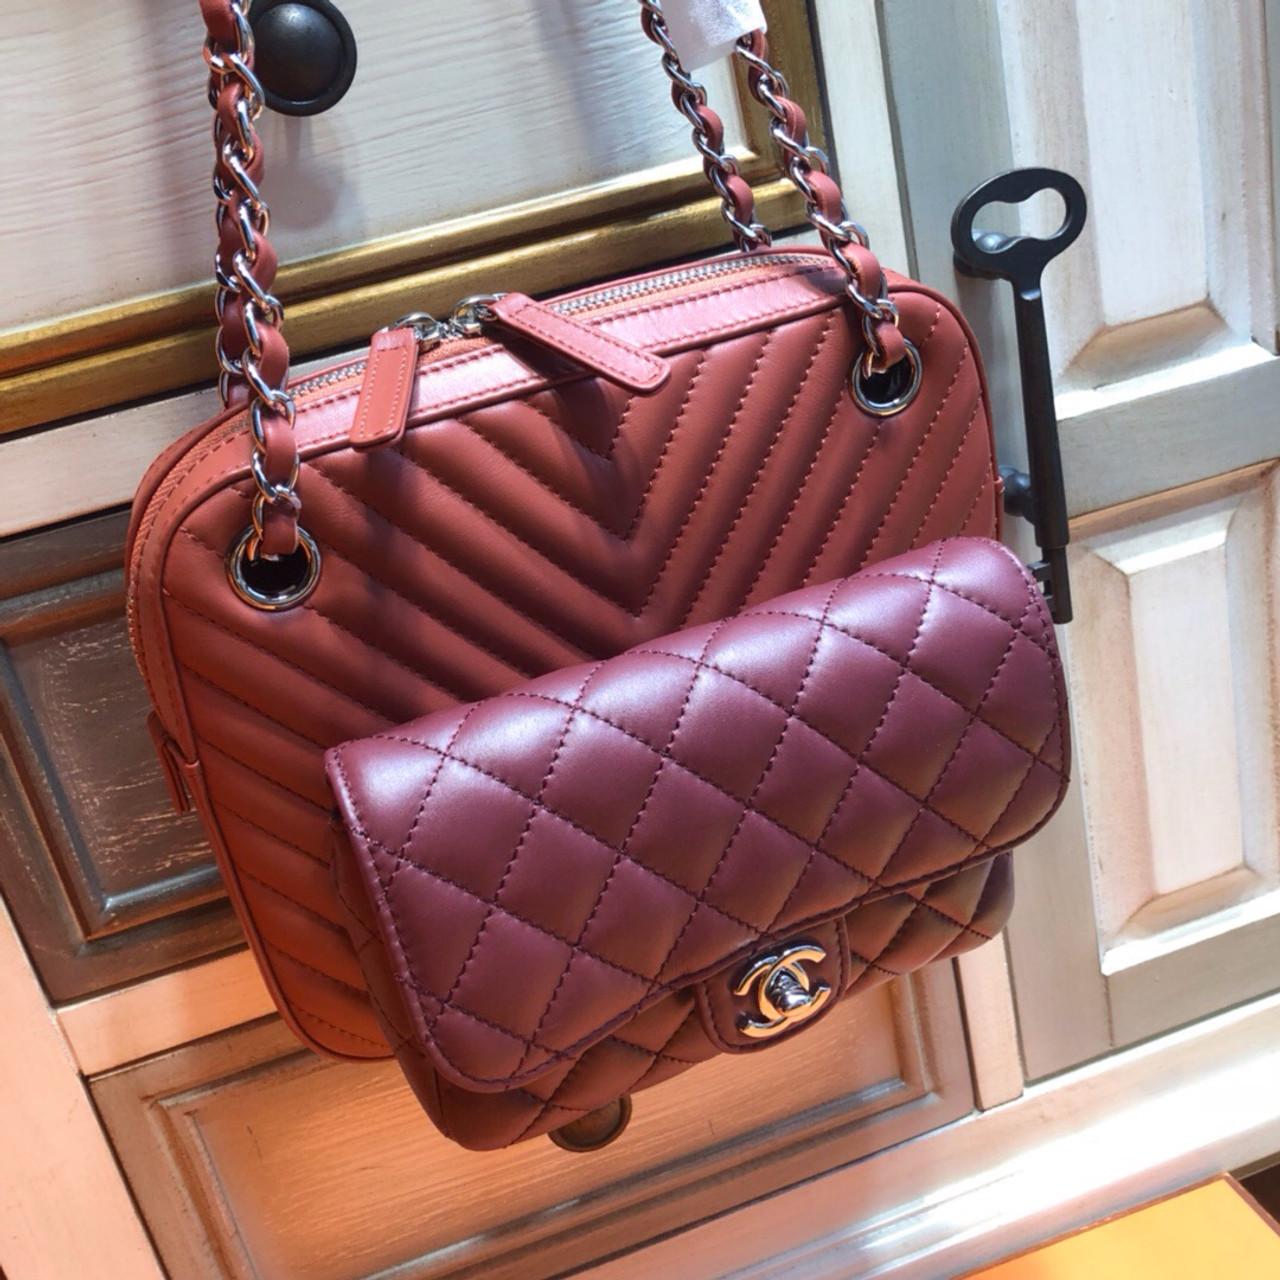 Chanel Camera Case A57284 - Bella Vita Moda 0e7c9350a06f2